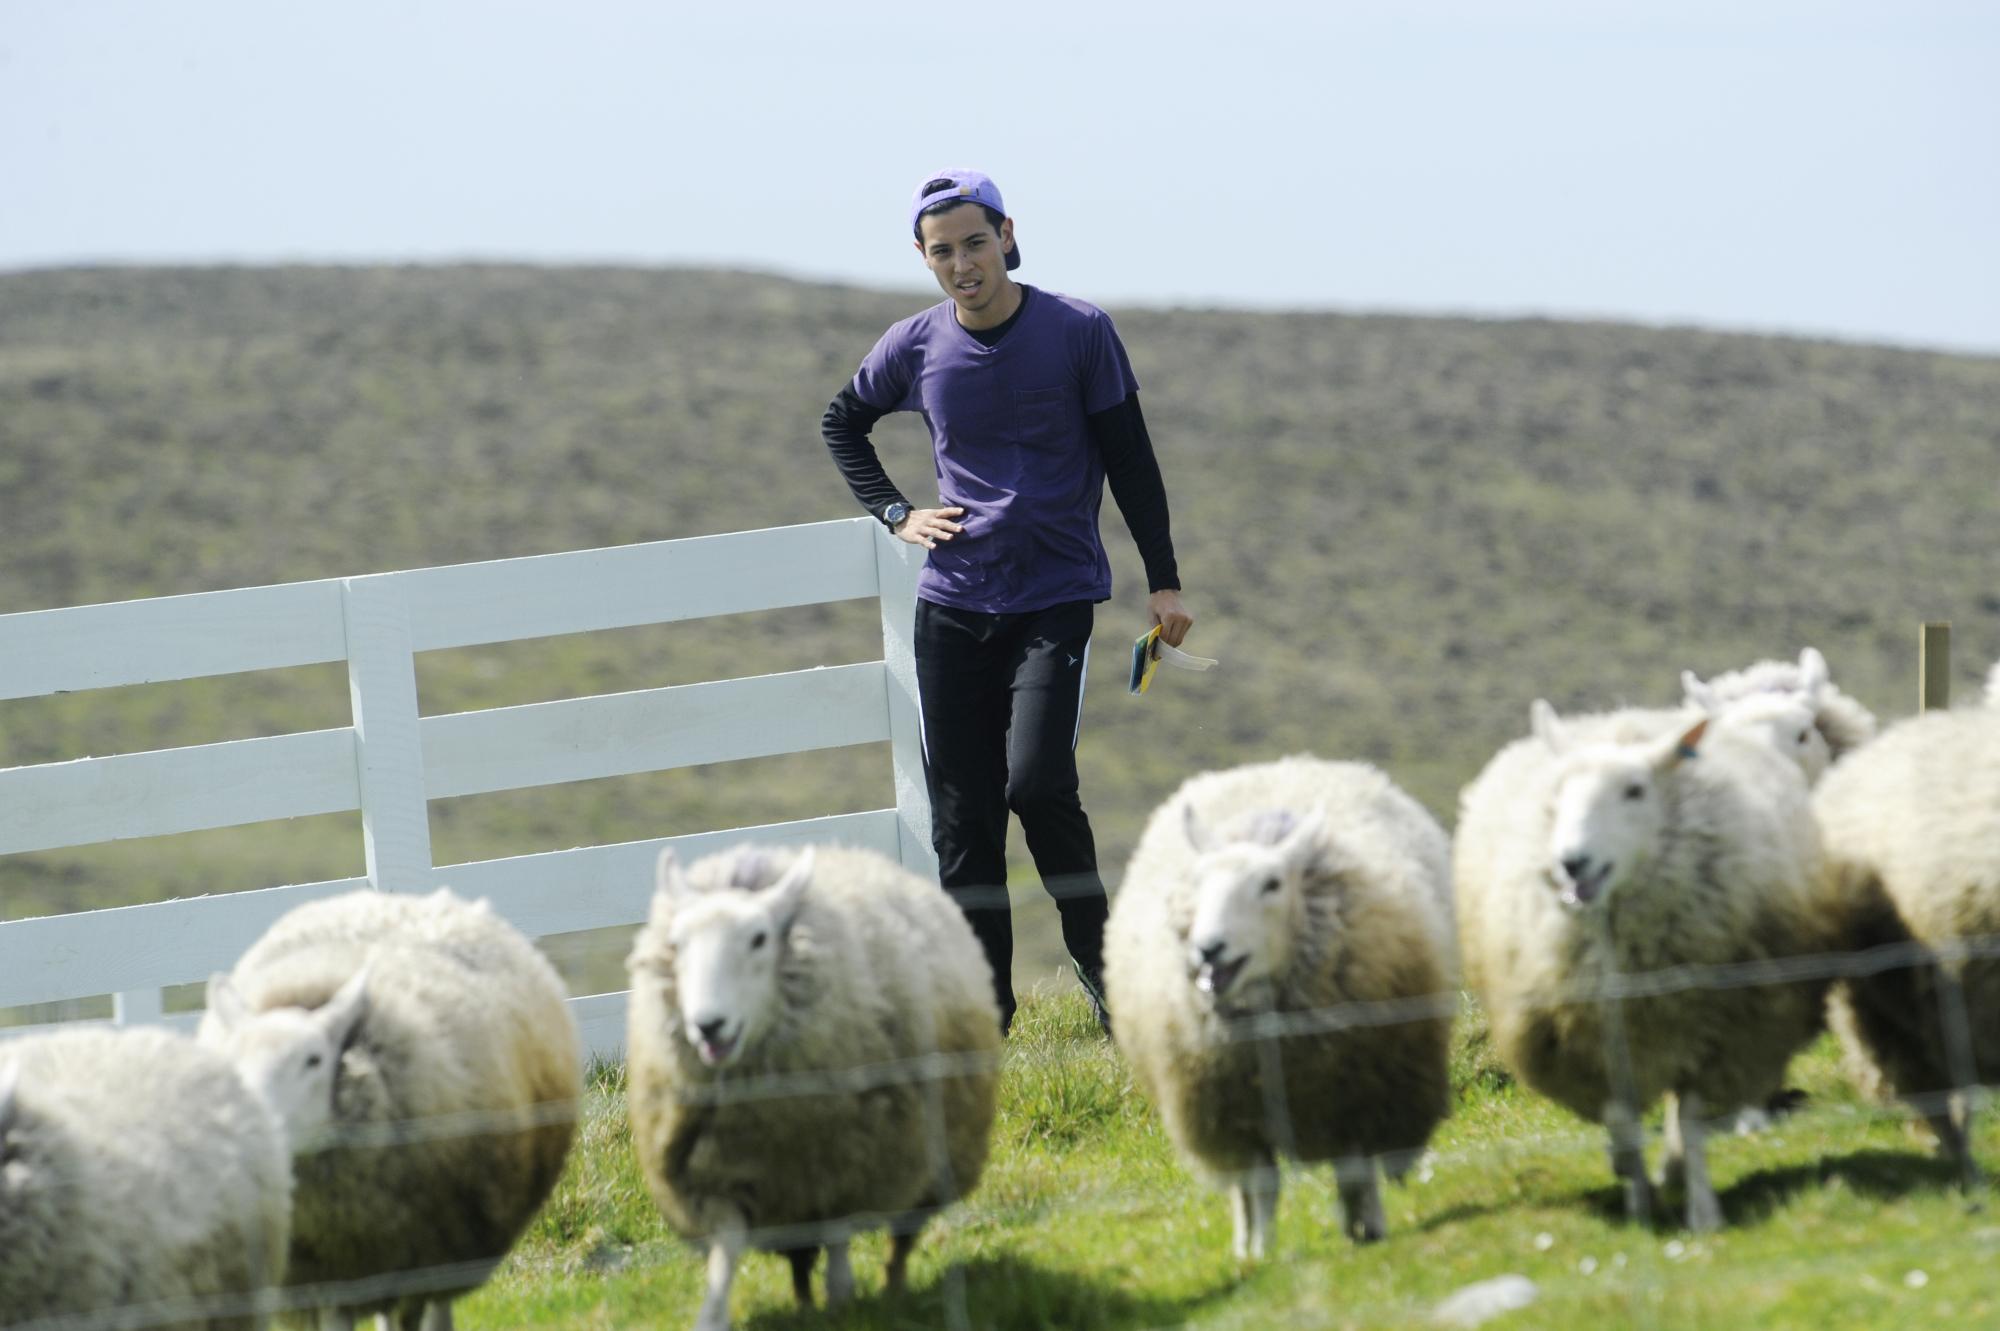 Te Jay works to herd sheep